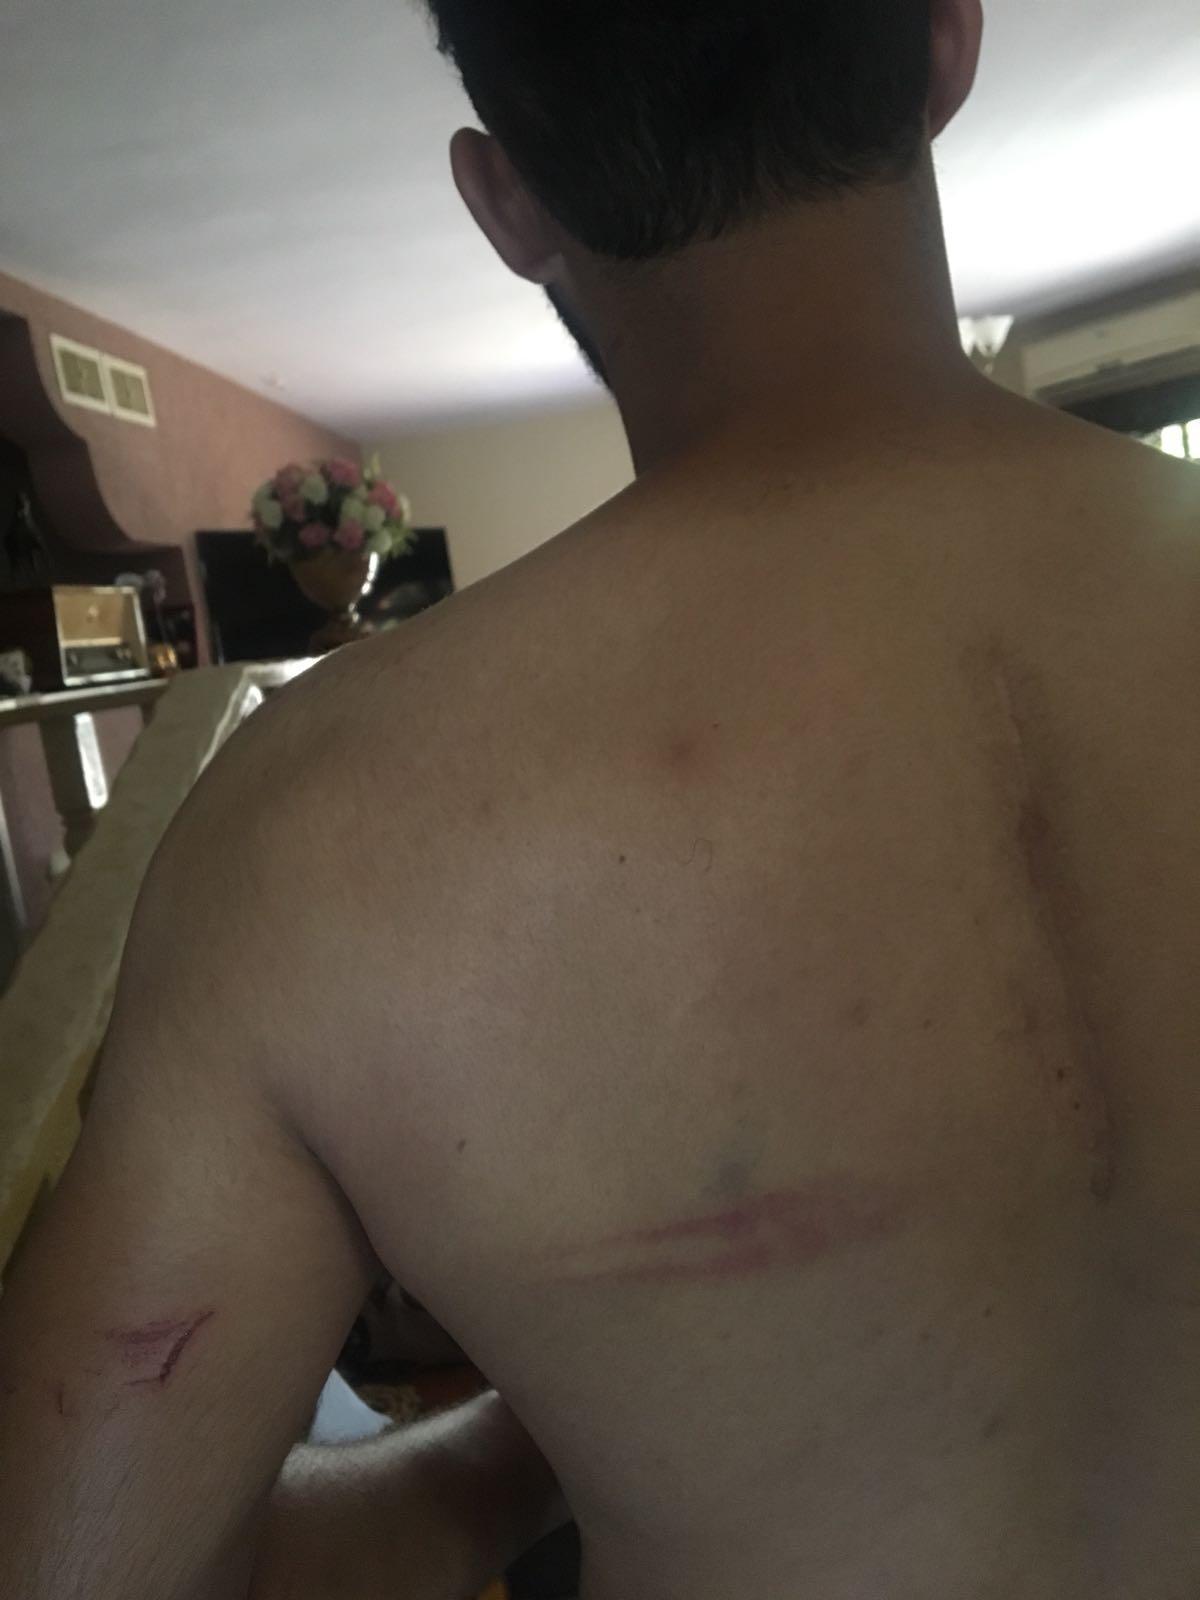 المحكمة تحيل أحد المشتبهين بالاعتداء على شبان شفاعمريين للحبس المنزلي